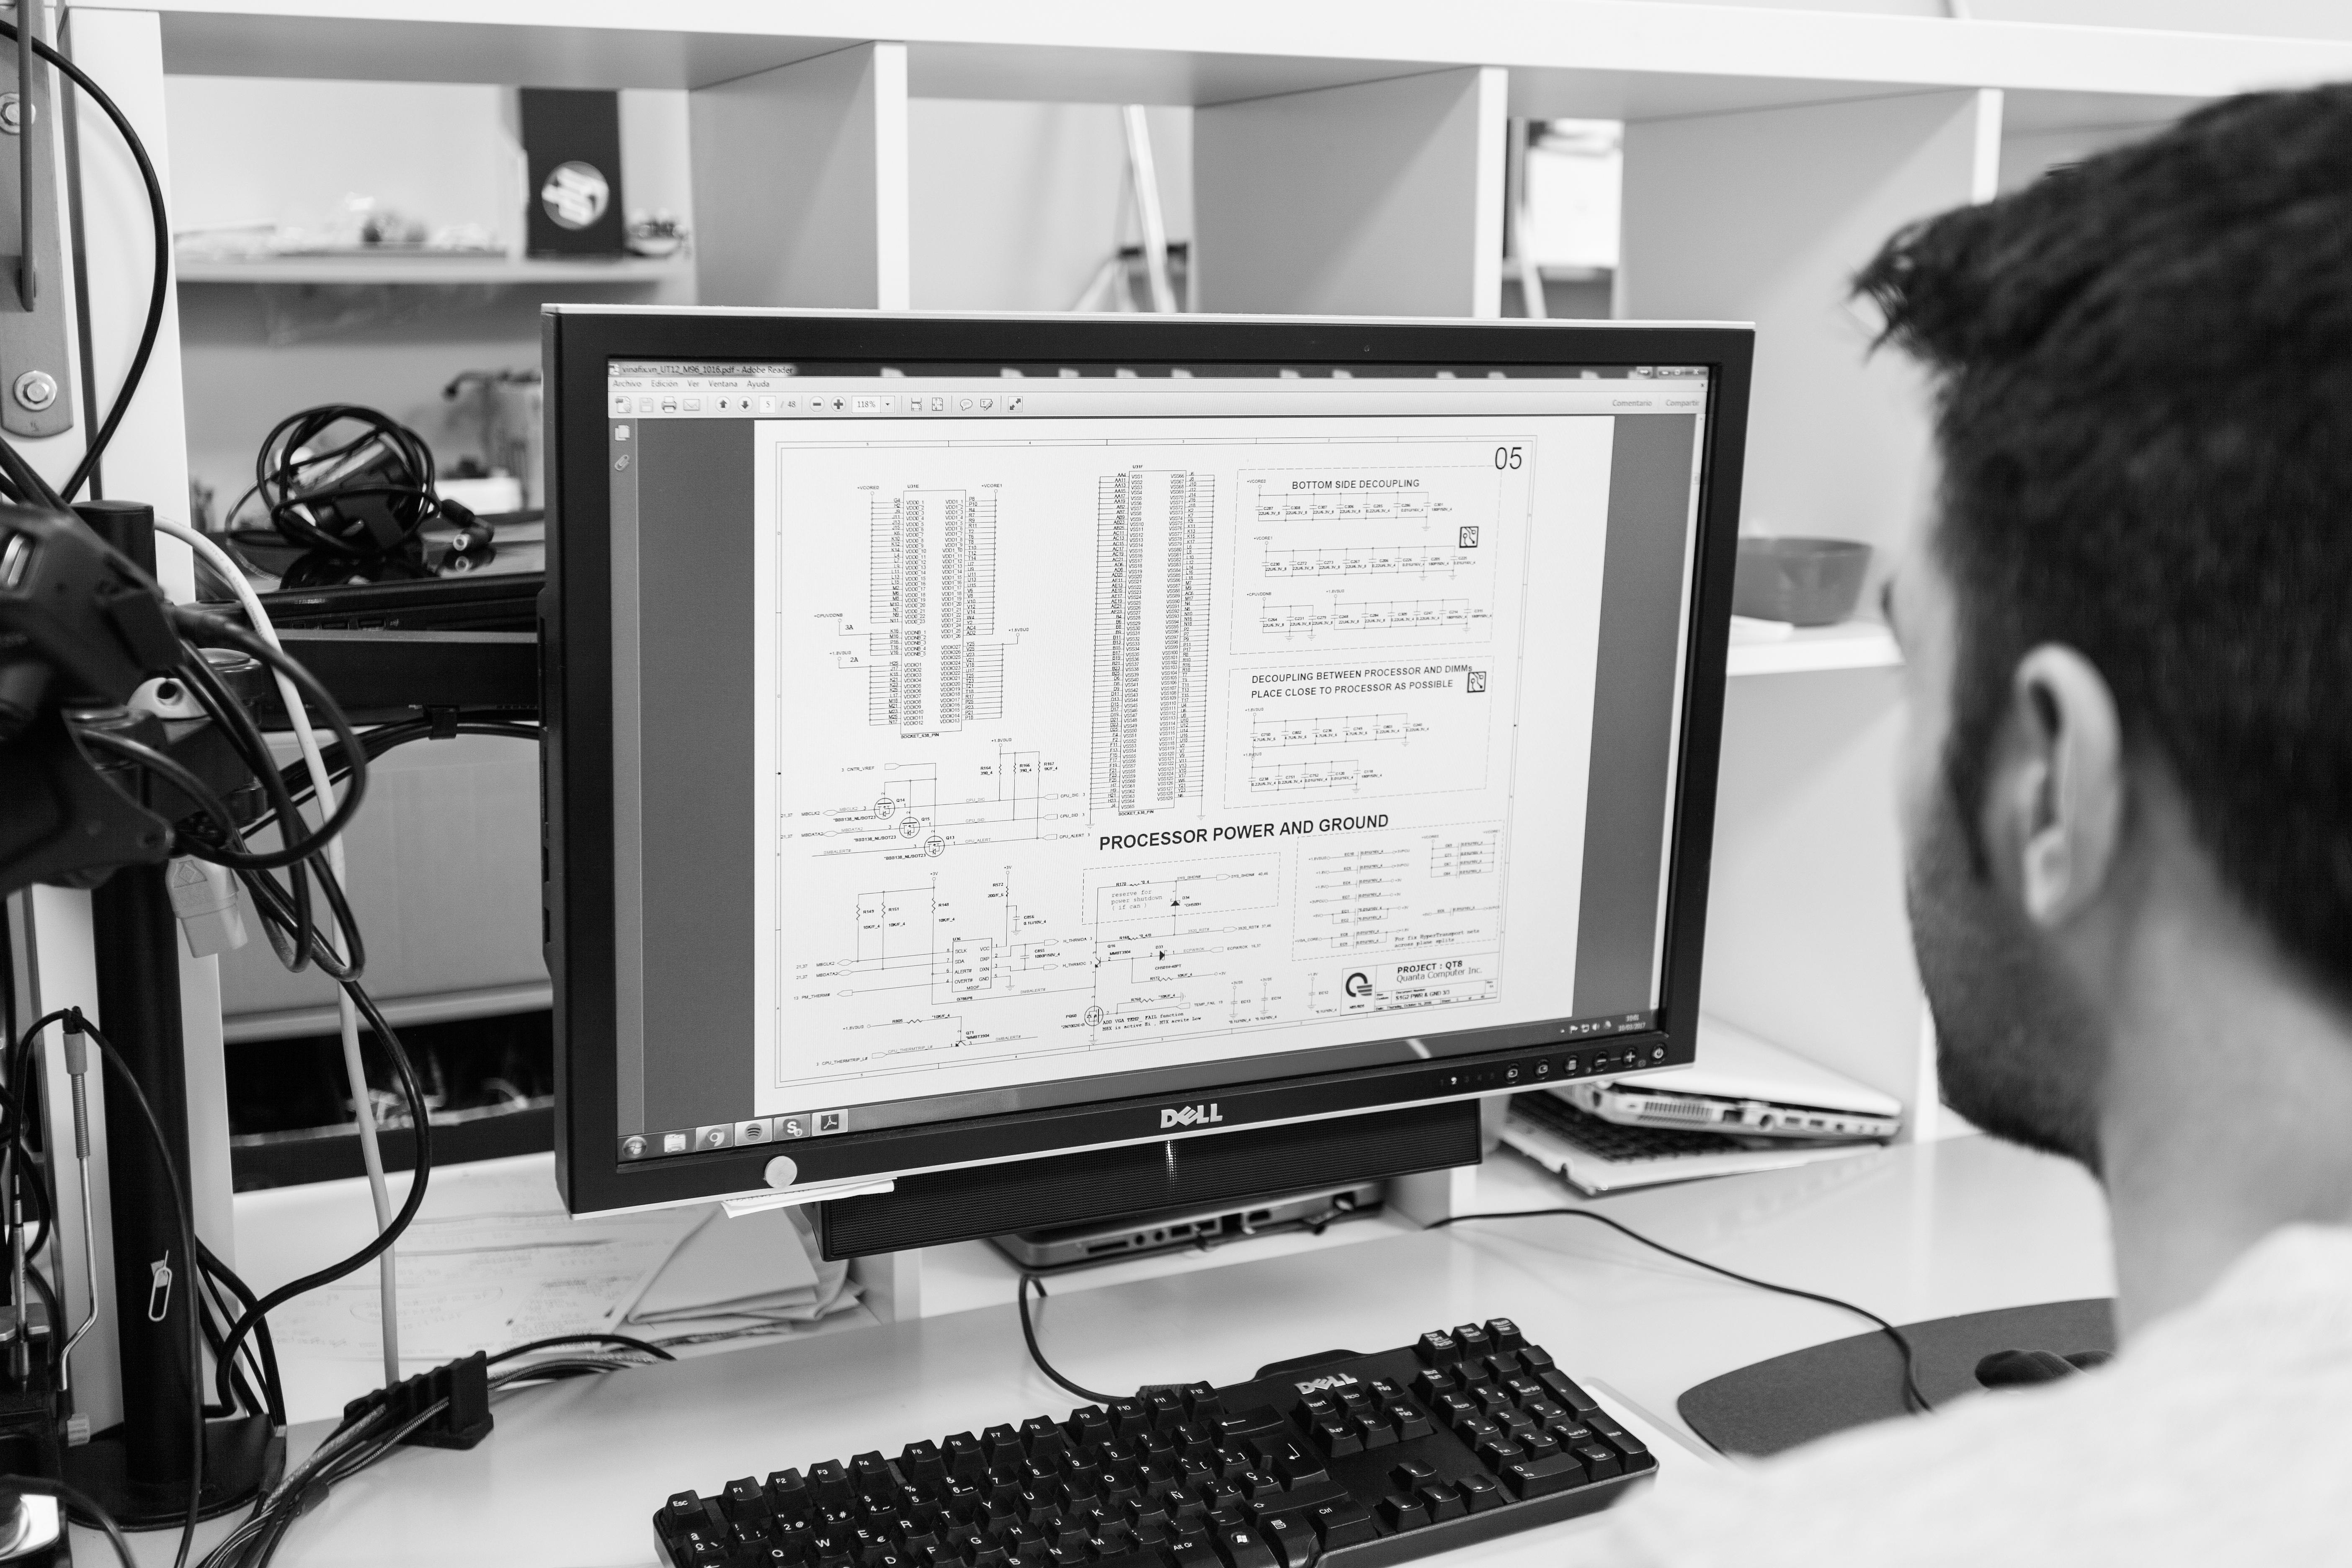 Informática: Reparaciones de PuertoSat